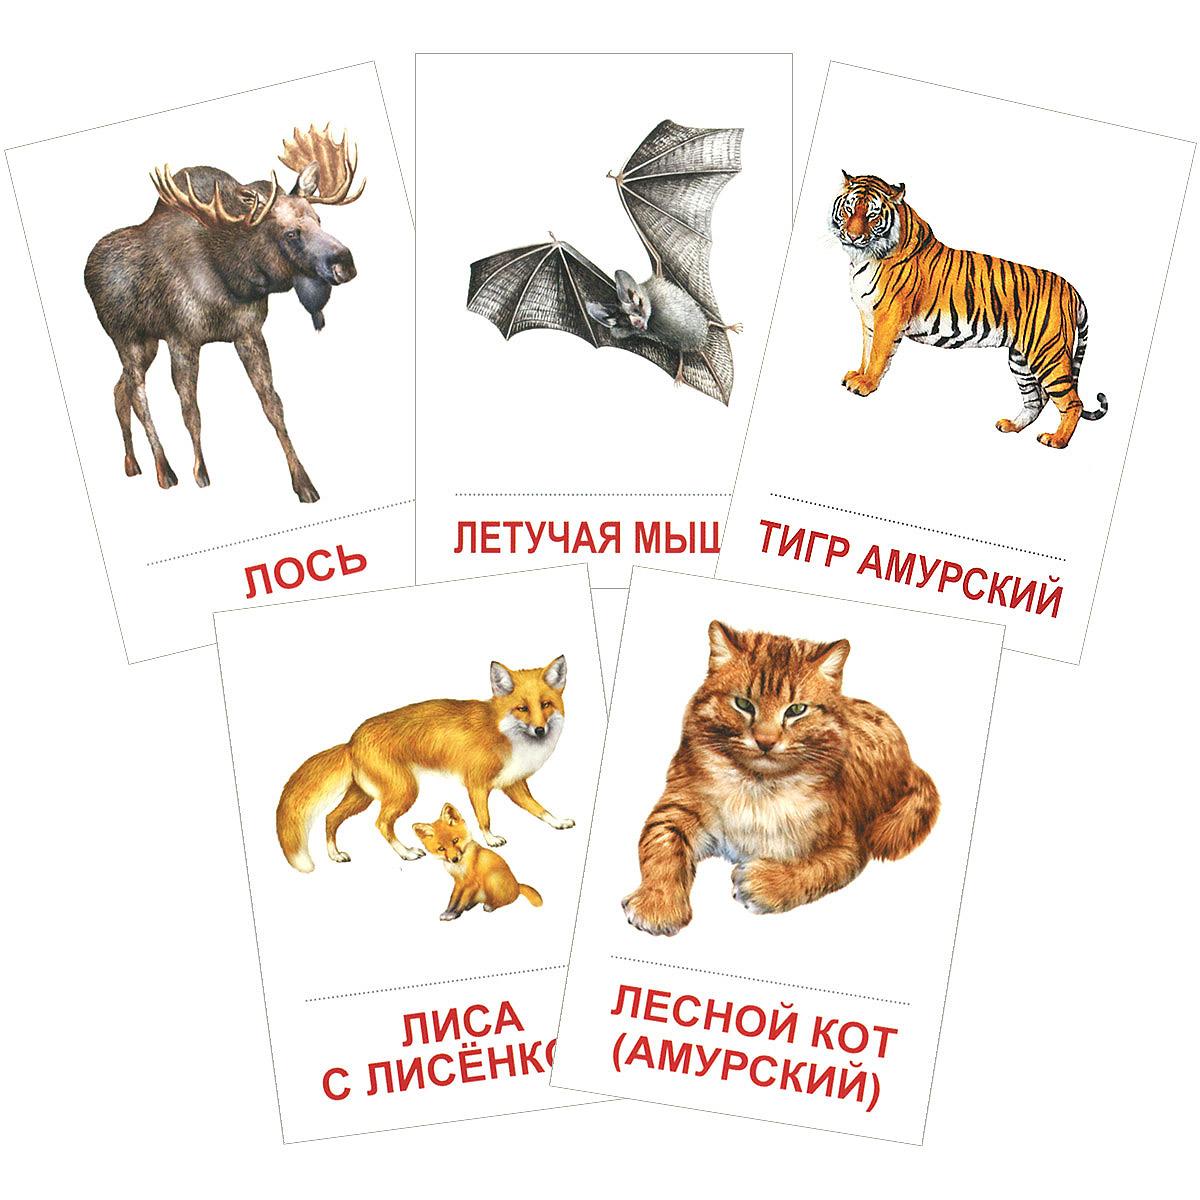 Дикие животные (набор из 16 карточек) ( 978-5-9949-0904-1 )